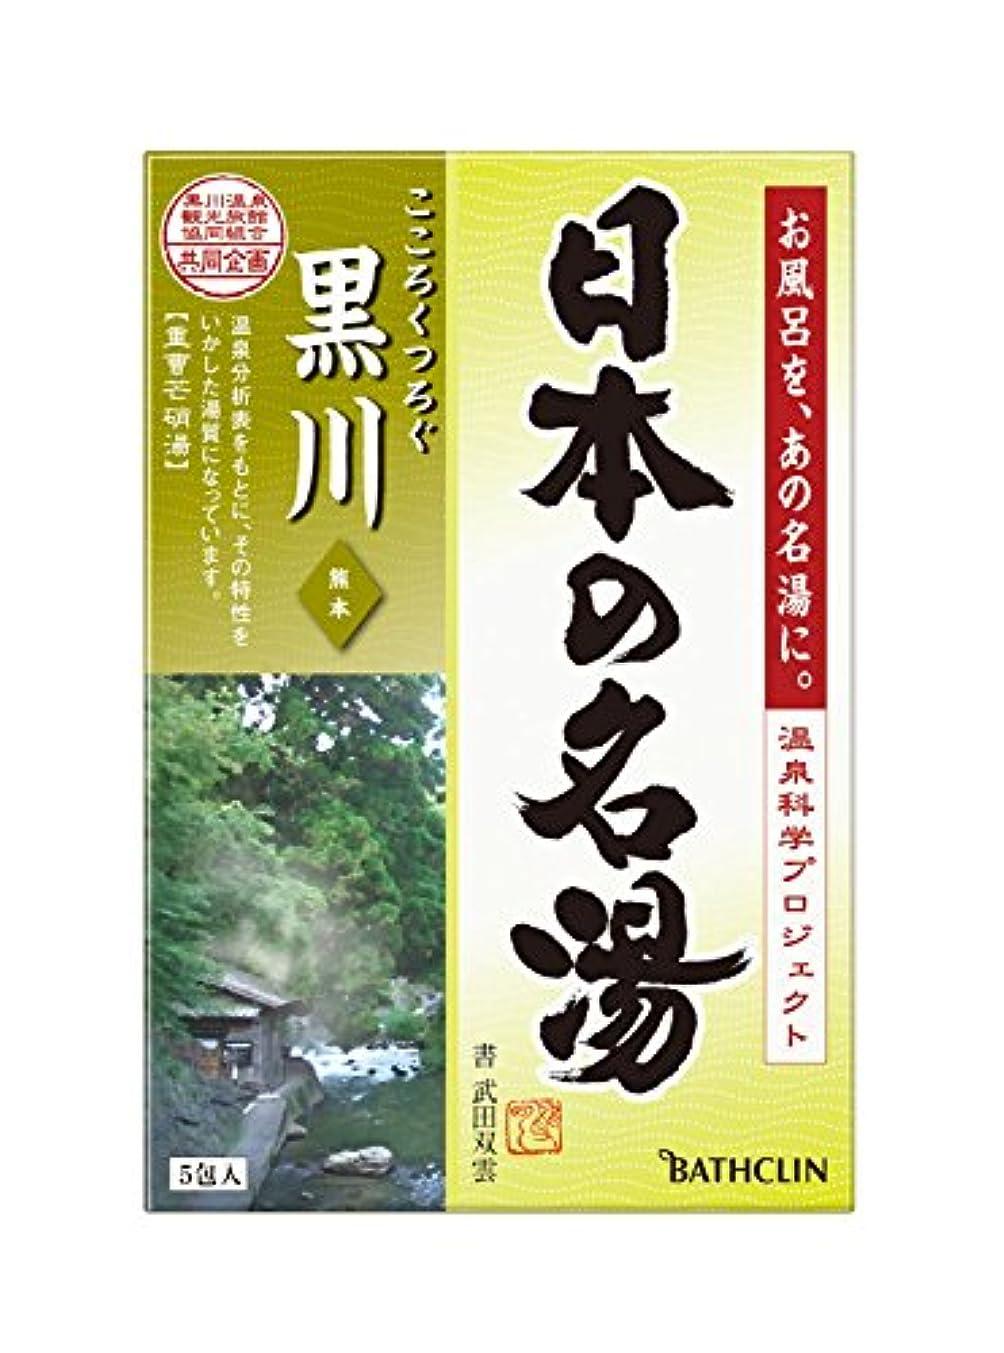 望むデッドゆりかご【医薬部外品】日本の名湯入浴剤 黒川(熊本) 30g ×5包 にごりタイプ 個包装 温泉タイプ